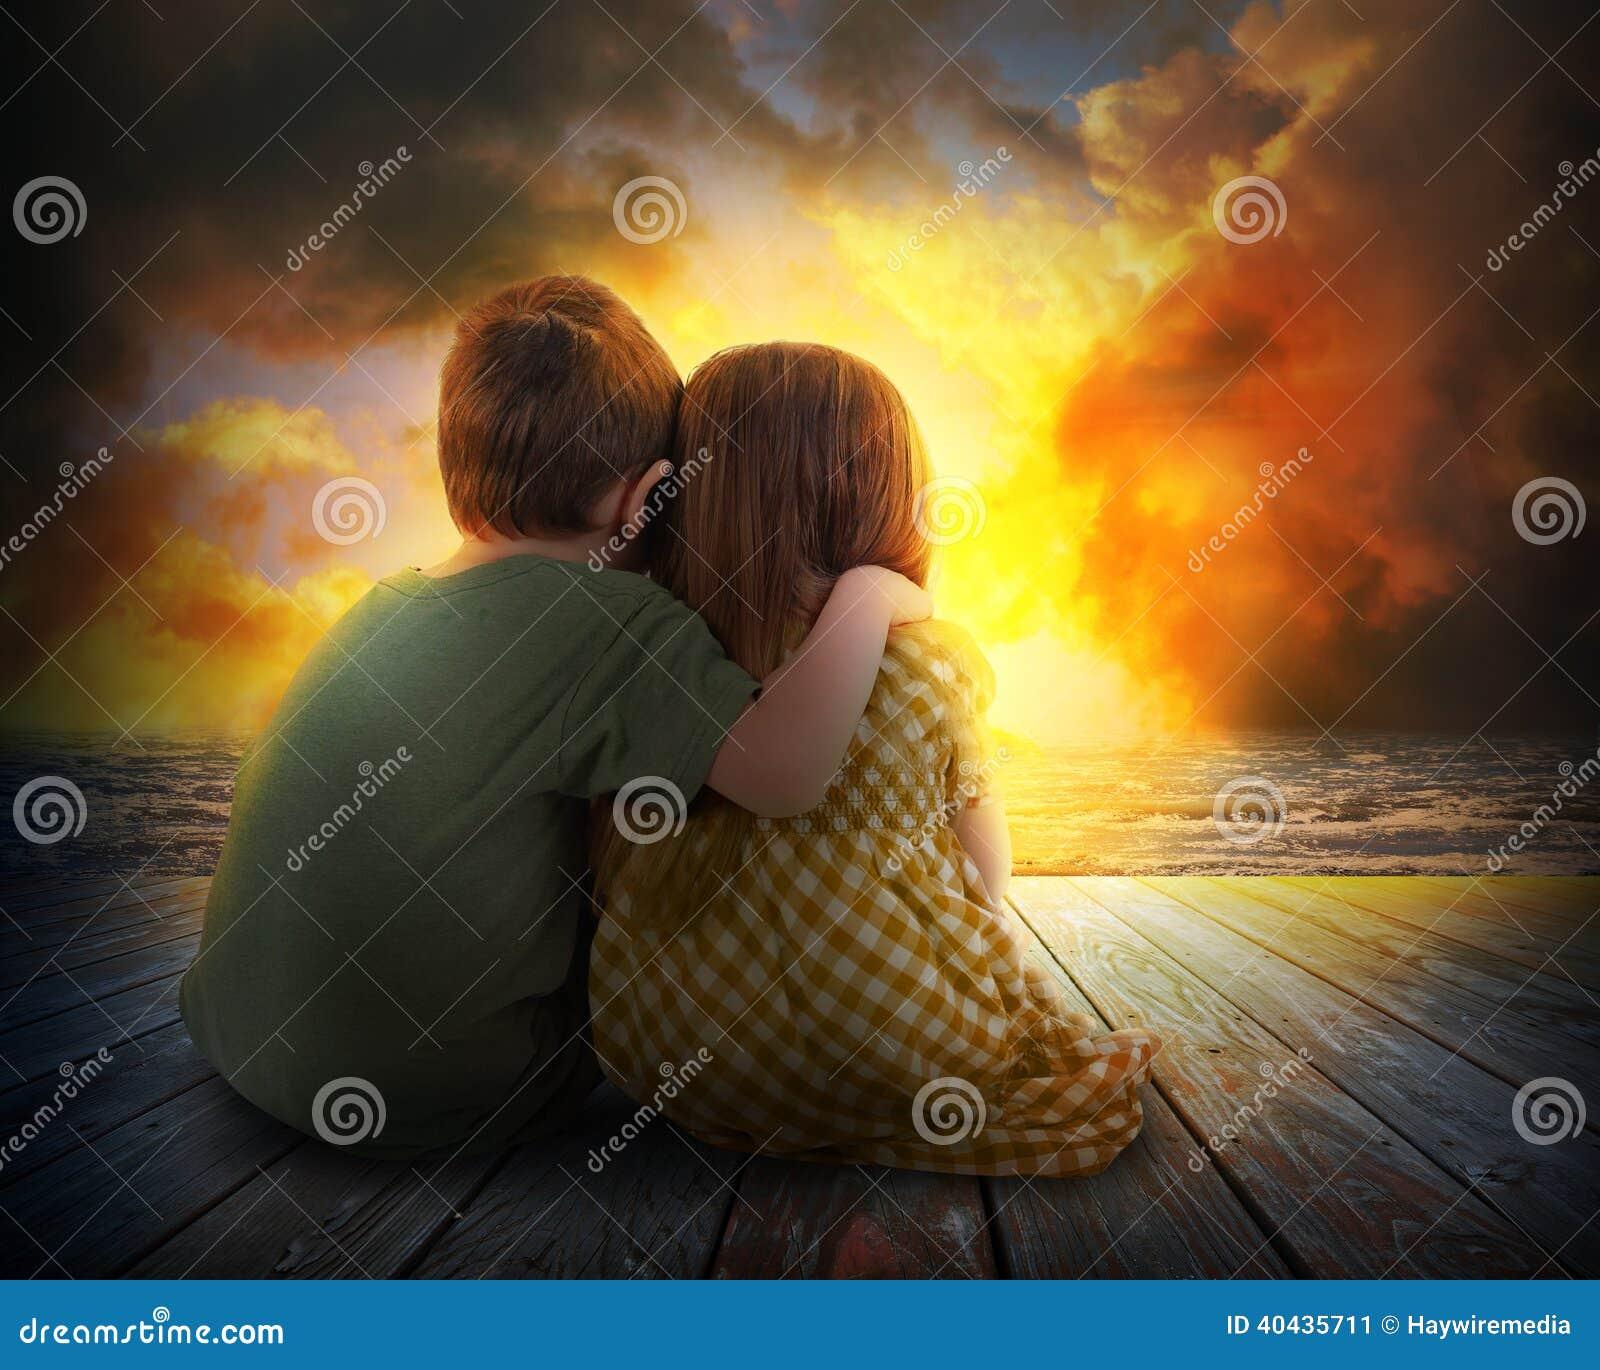 Two Children Watching Summer Sunset Stock Photo